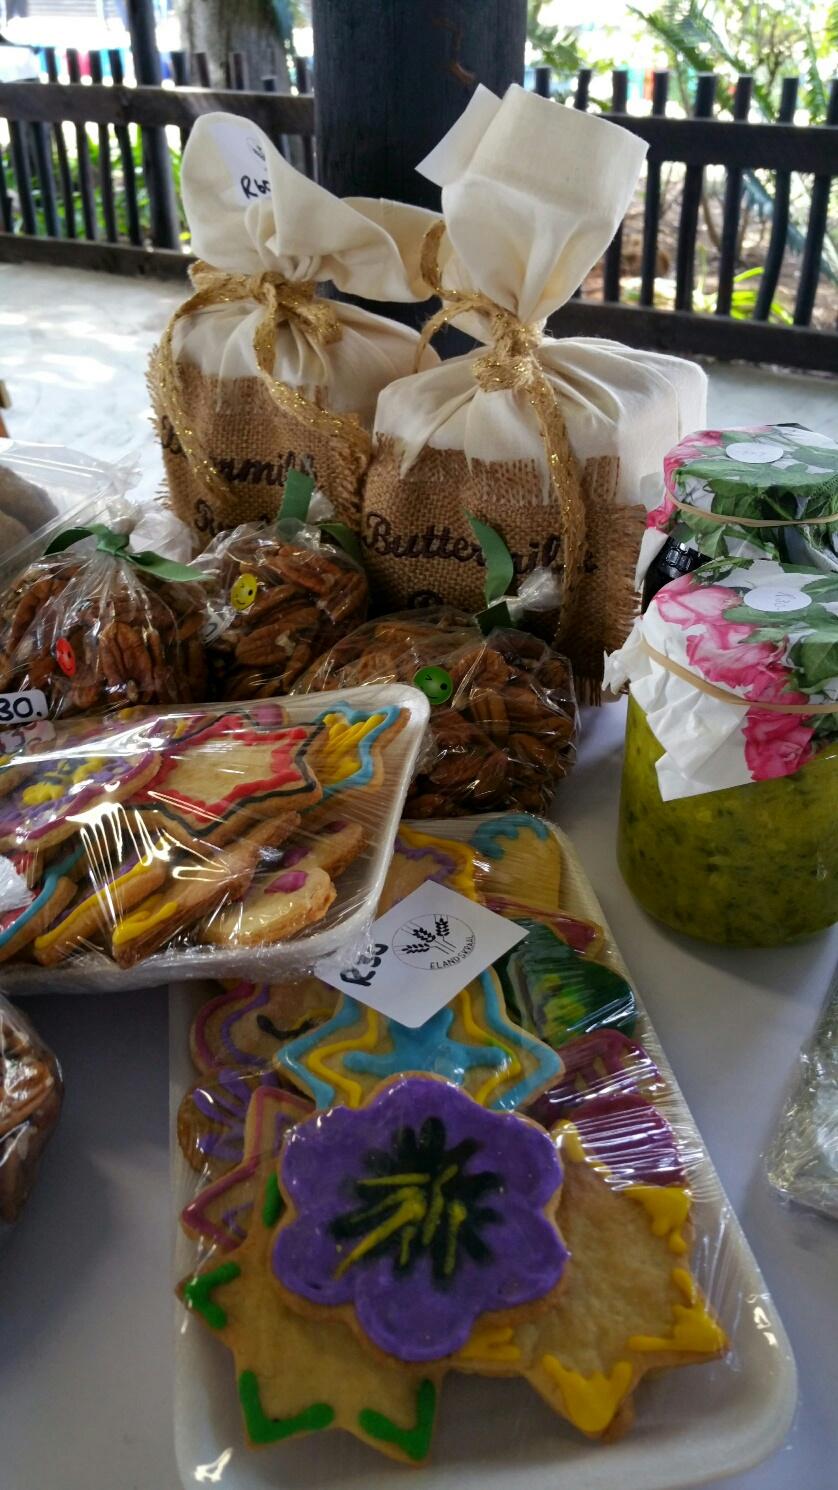 Elandskraal German Festival Baked Goods